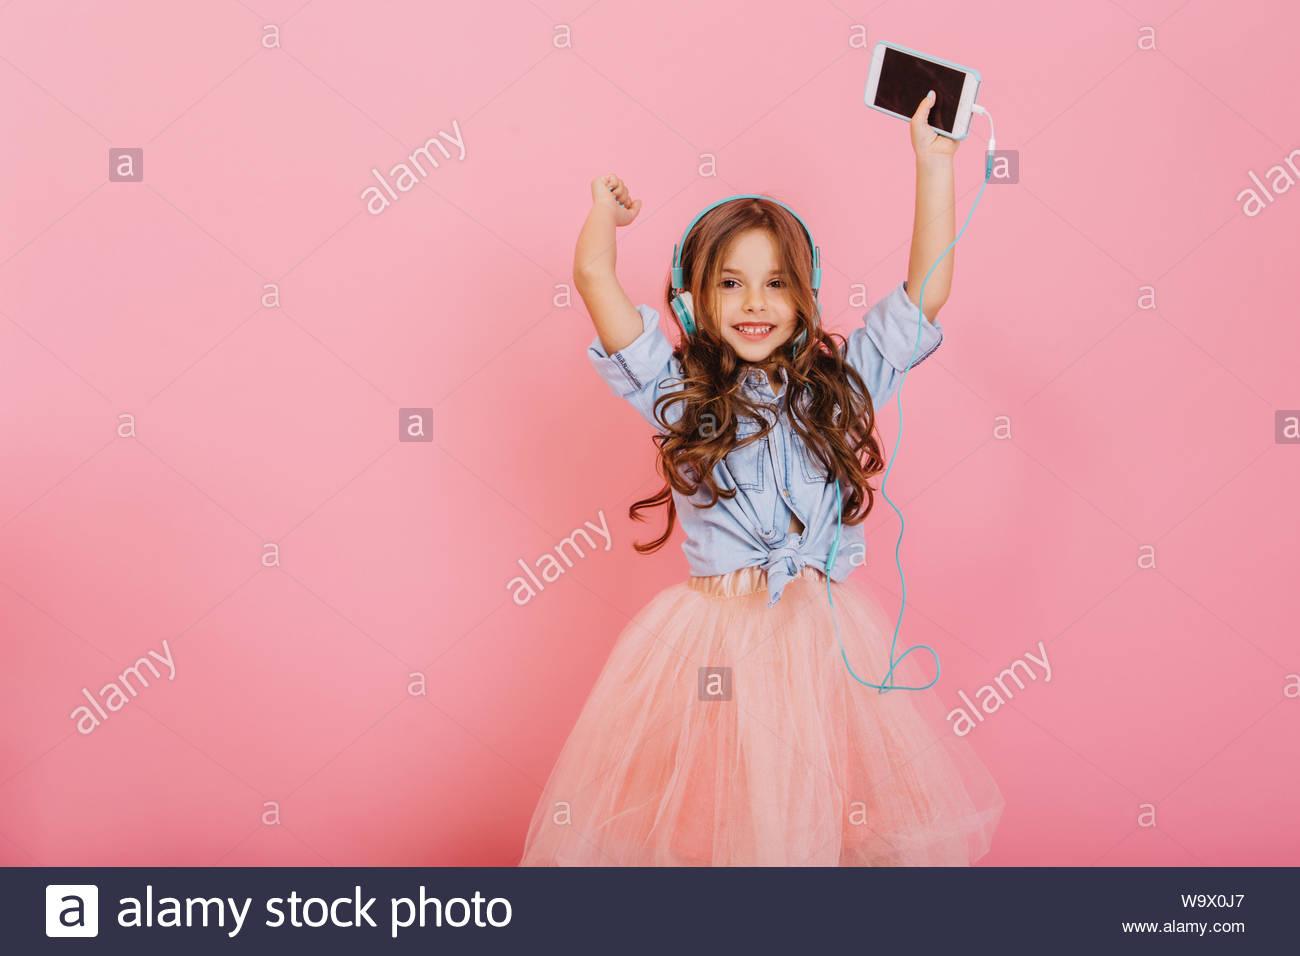 Avoir du plaisir, l'expression vraie des émotions positives de joie incroyable jeune fille l'écoute de musique au casque isolé sur fond rose. Enfance heureuse de cute kid. Place pour le texte Banque D'Images